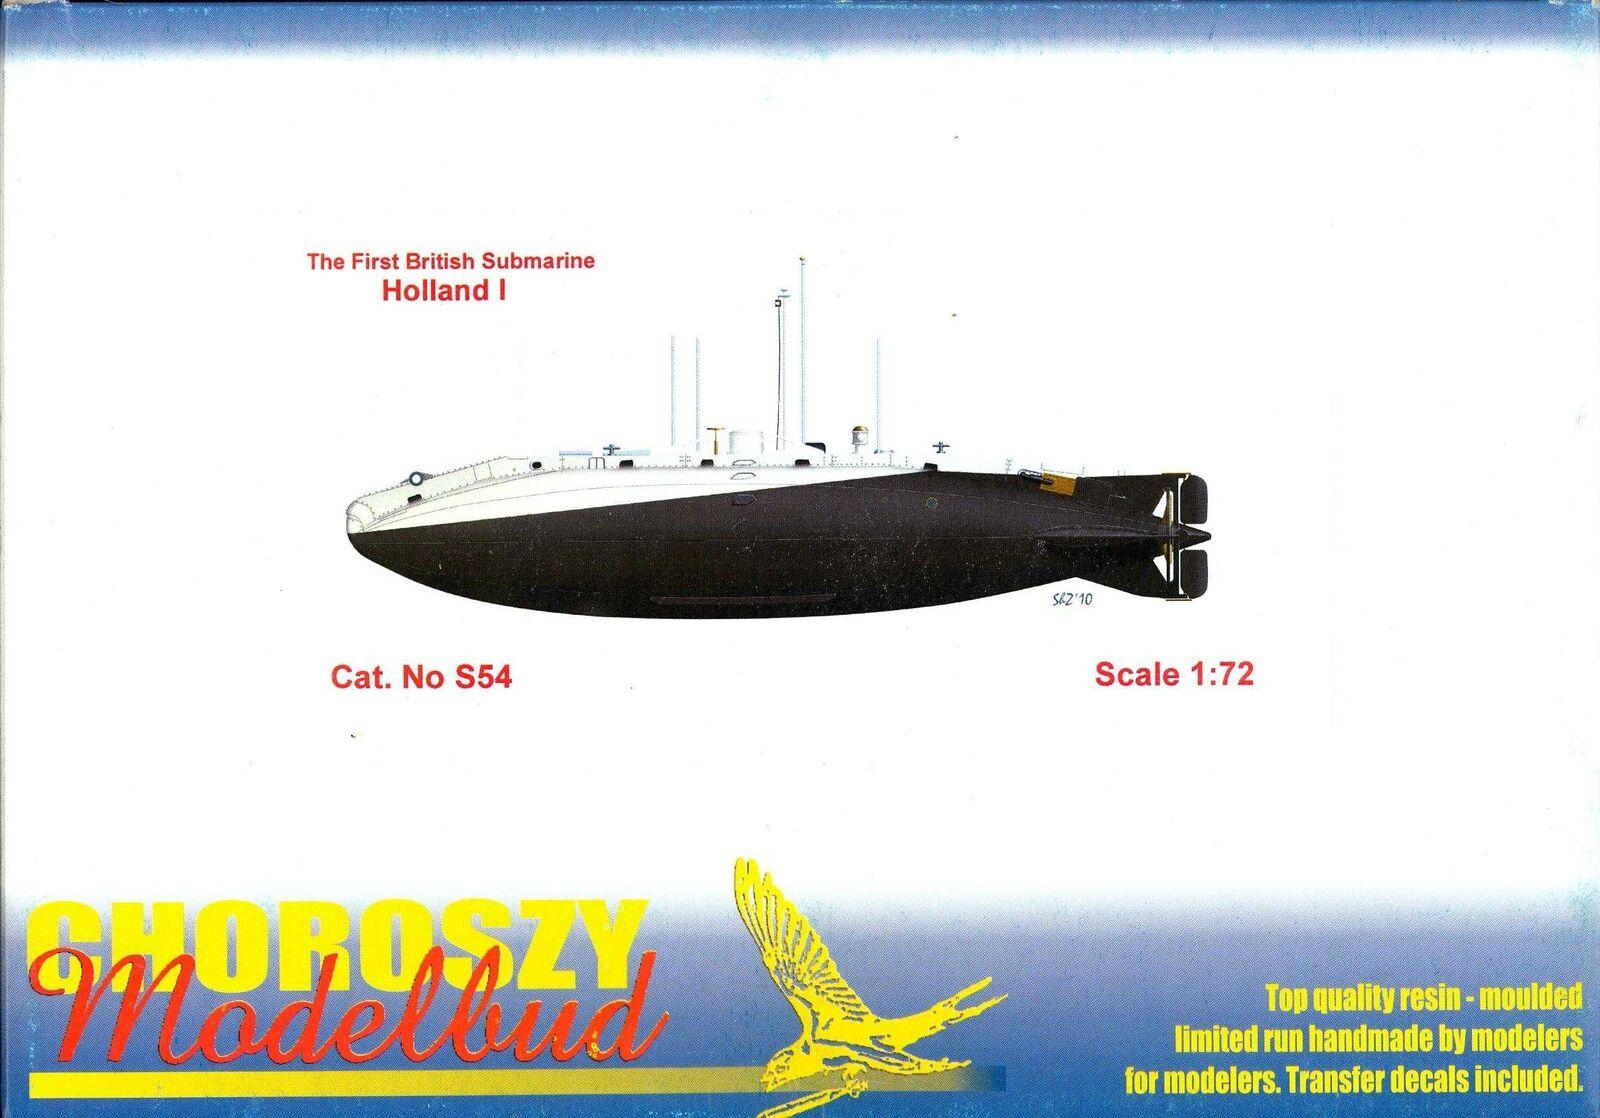 Chguldszy modellllerler 1  72 HOLAND I Första brittiska Submarin